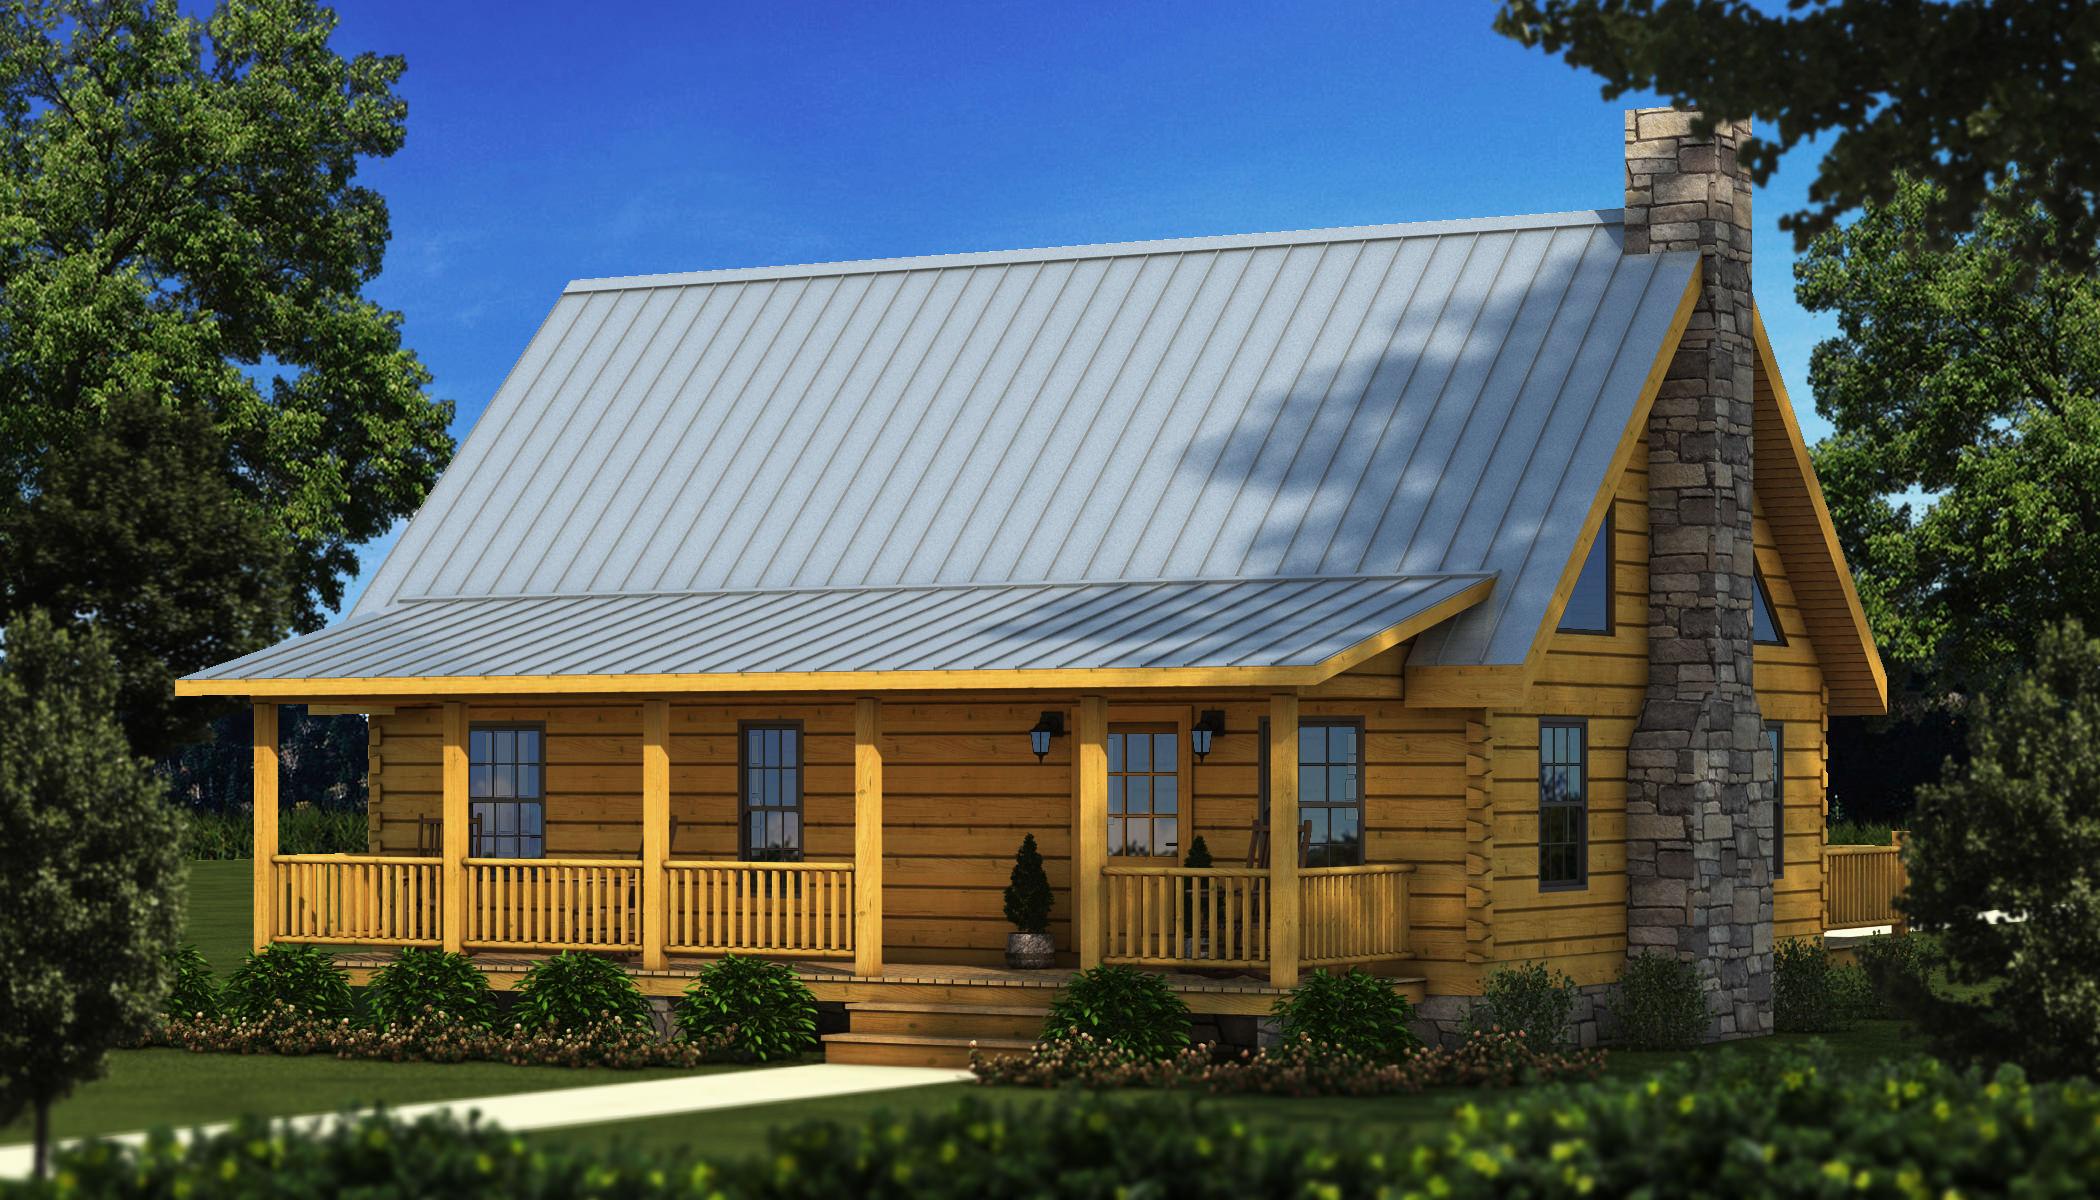 Greenwood i plans information southland log homes for Log cabin kits 2000 sq ft